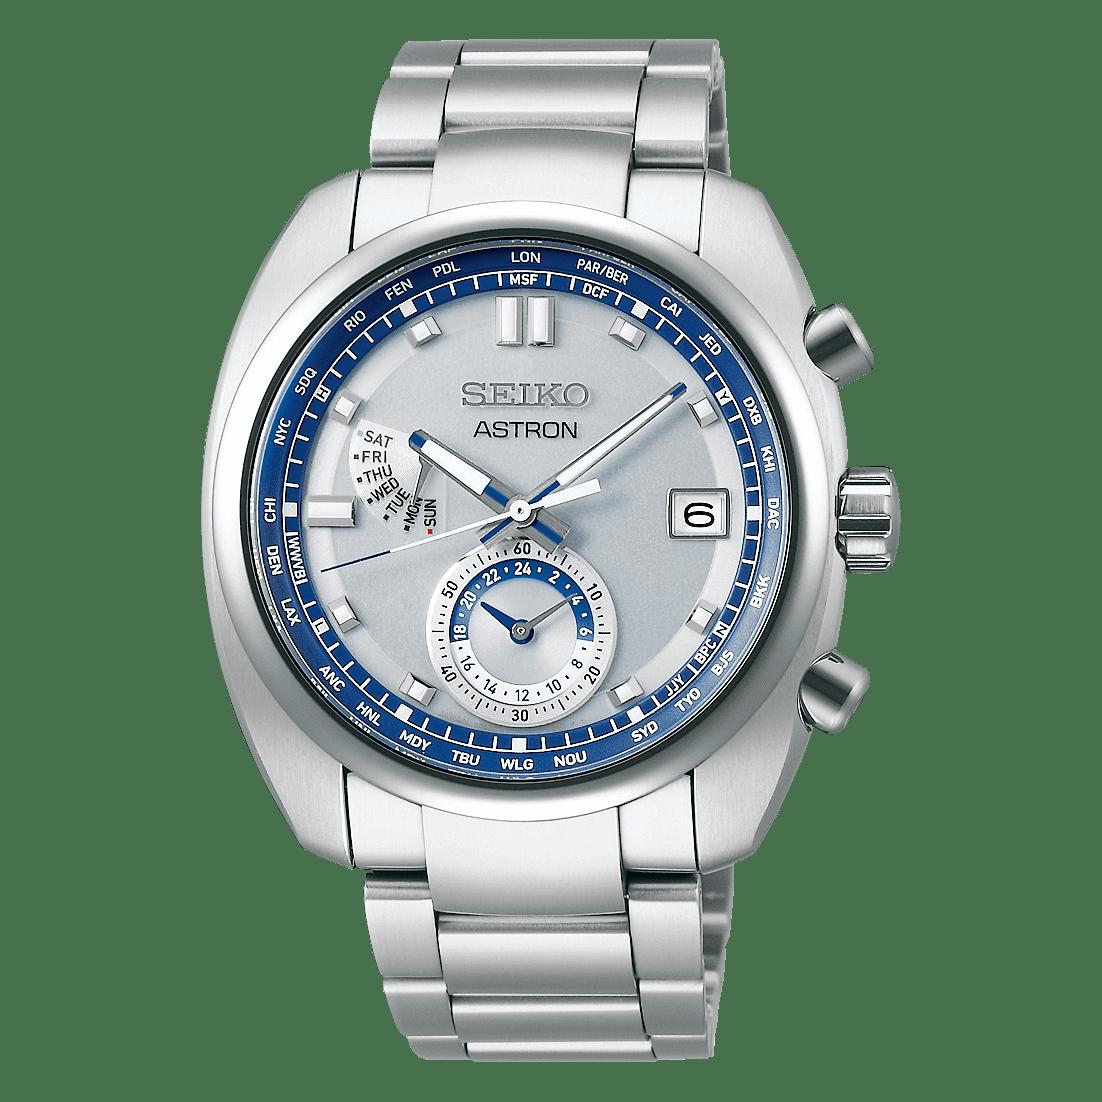 「実は奥が深い「自動巻き腕時計」とは?」のイメージ画像